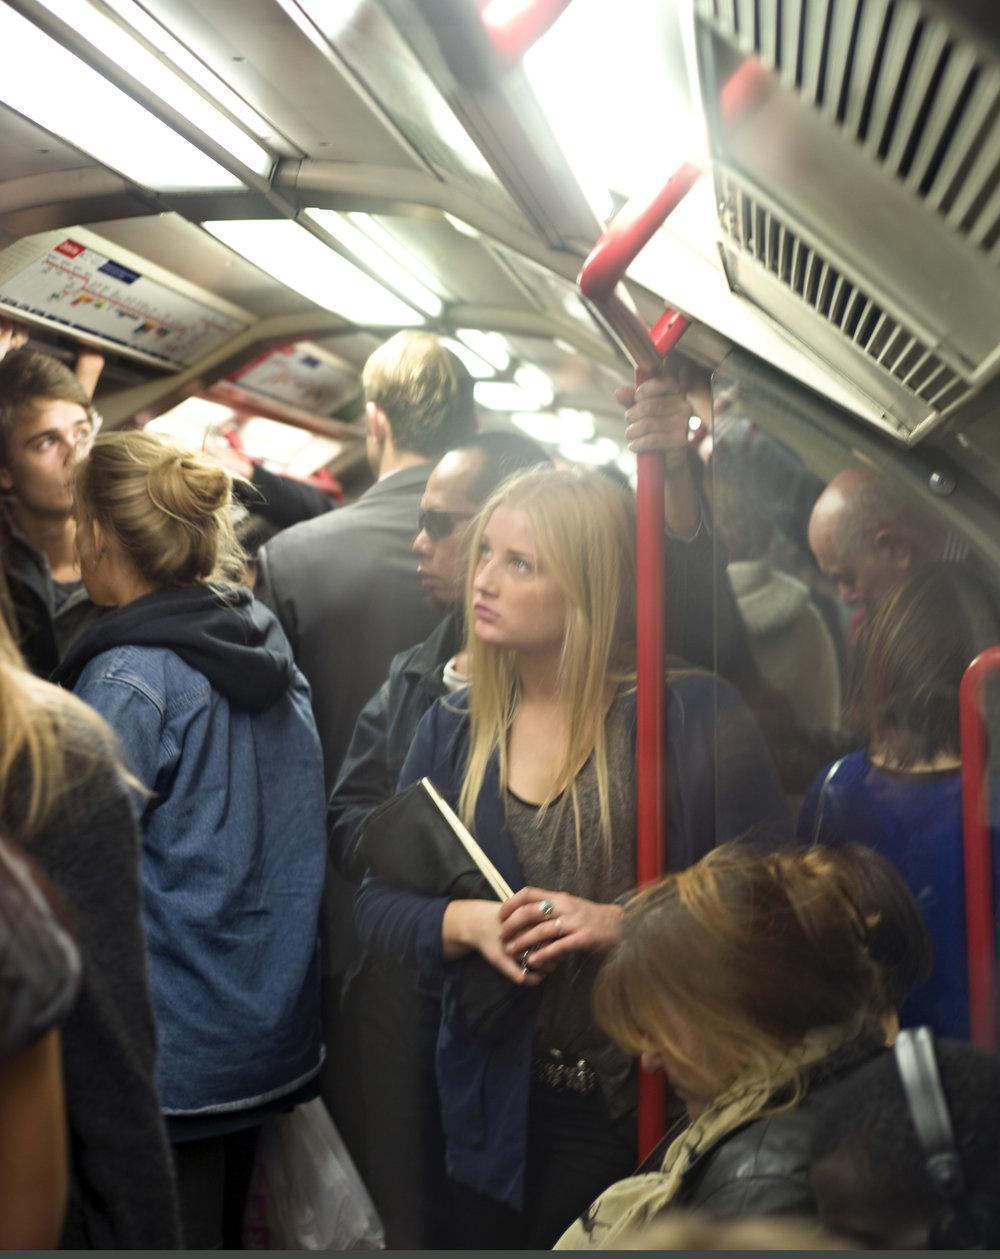 Girl in London Tube